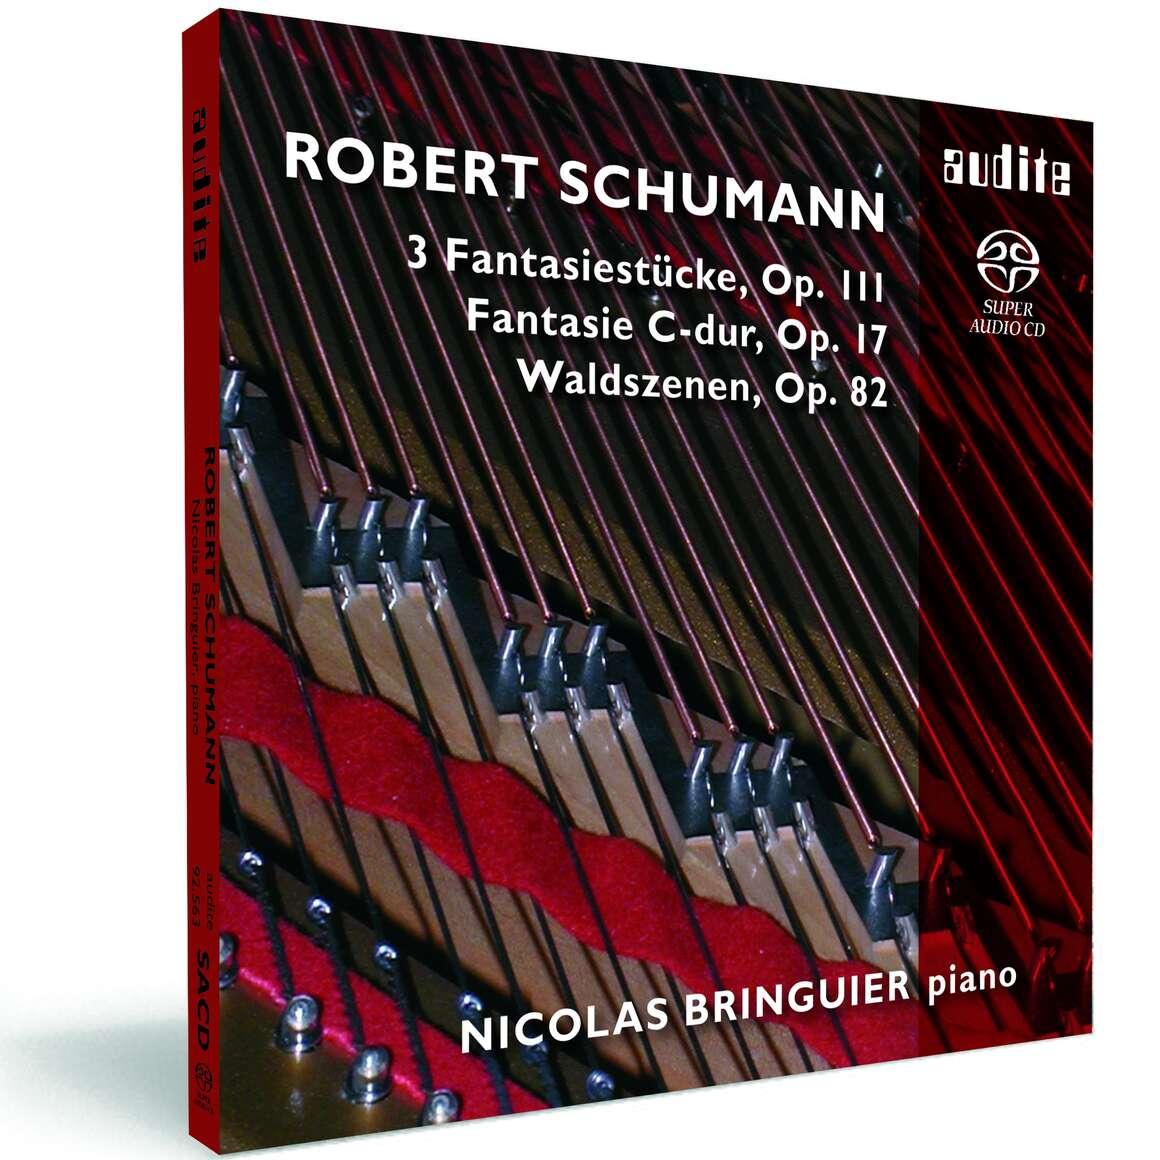 R. Schumann: Fantasie C-dur, Waldszenen, 3 Fantasiestücke